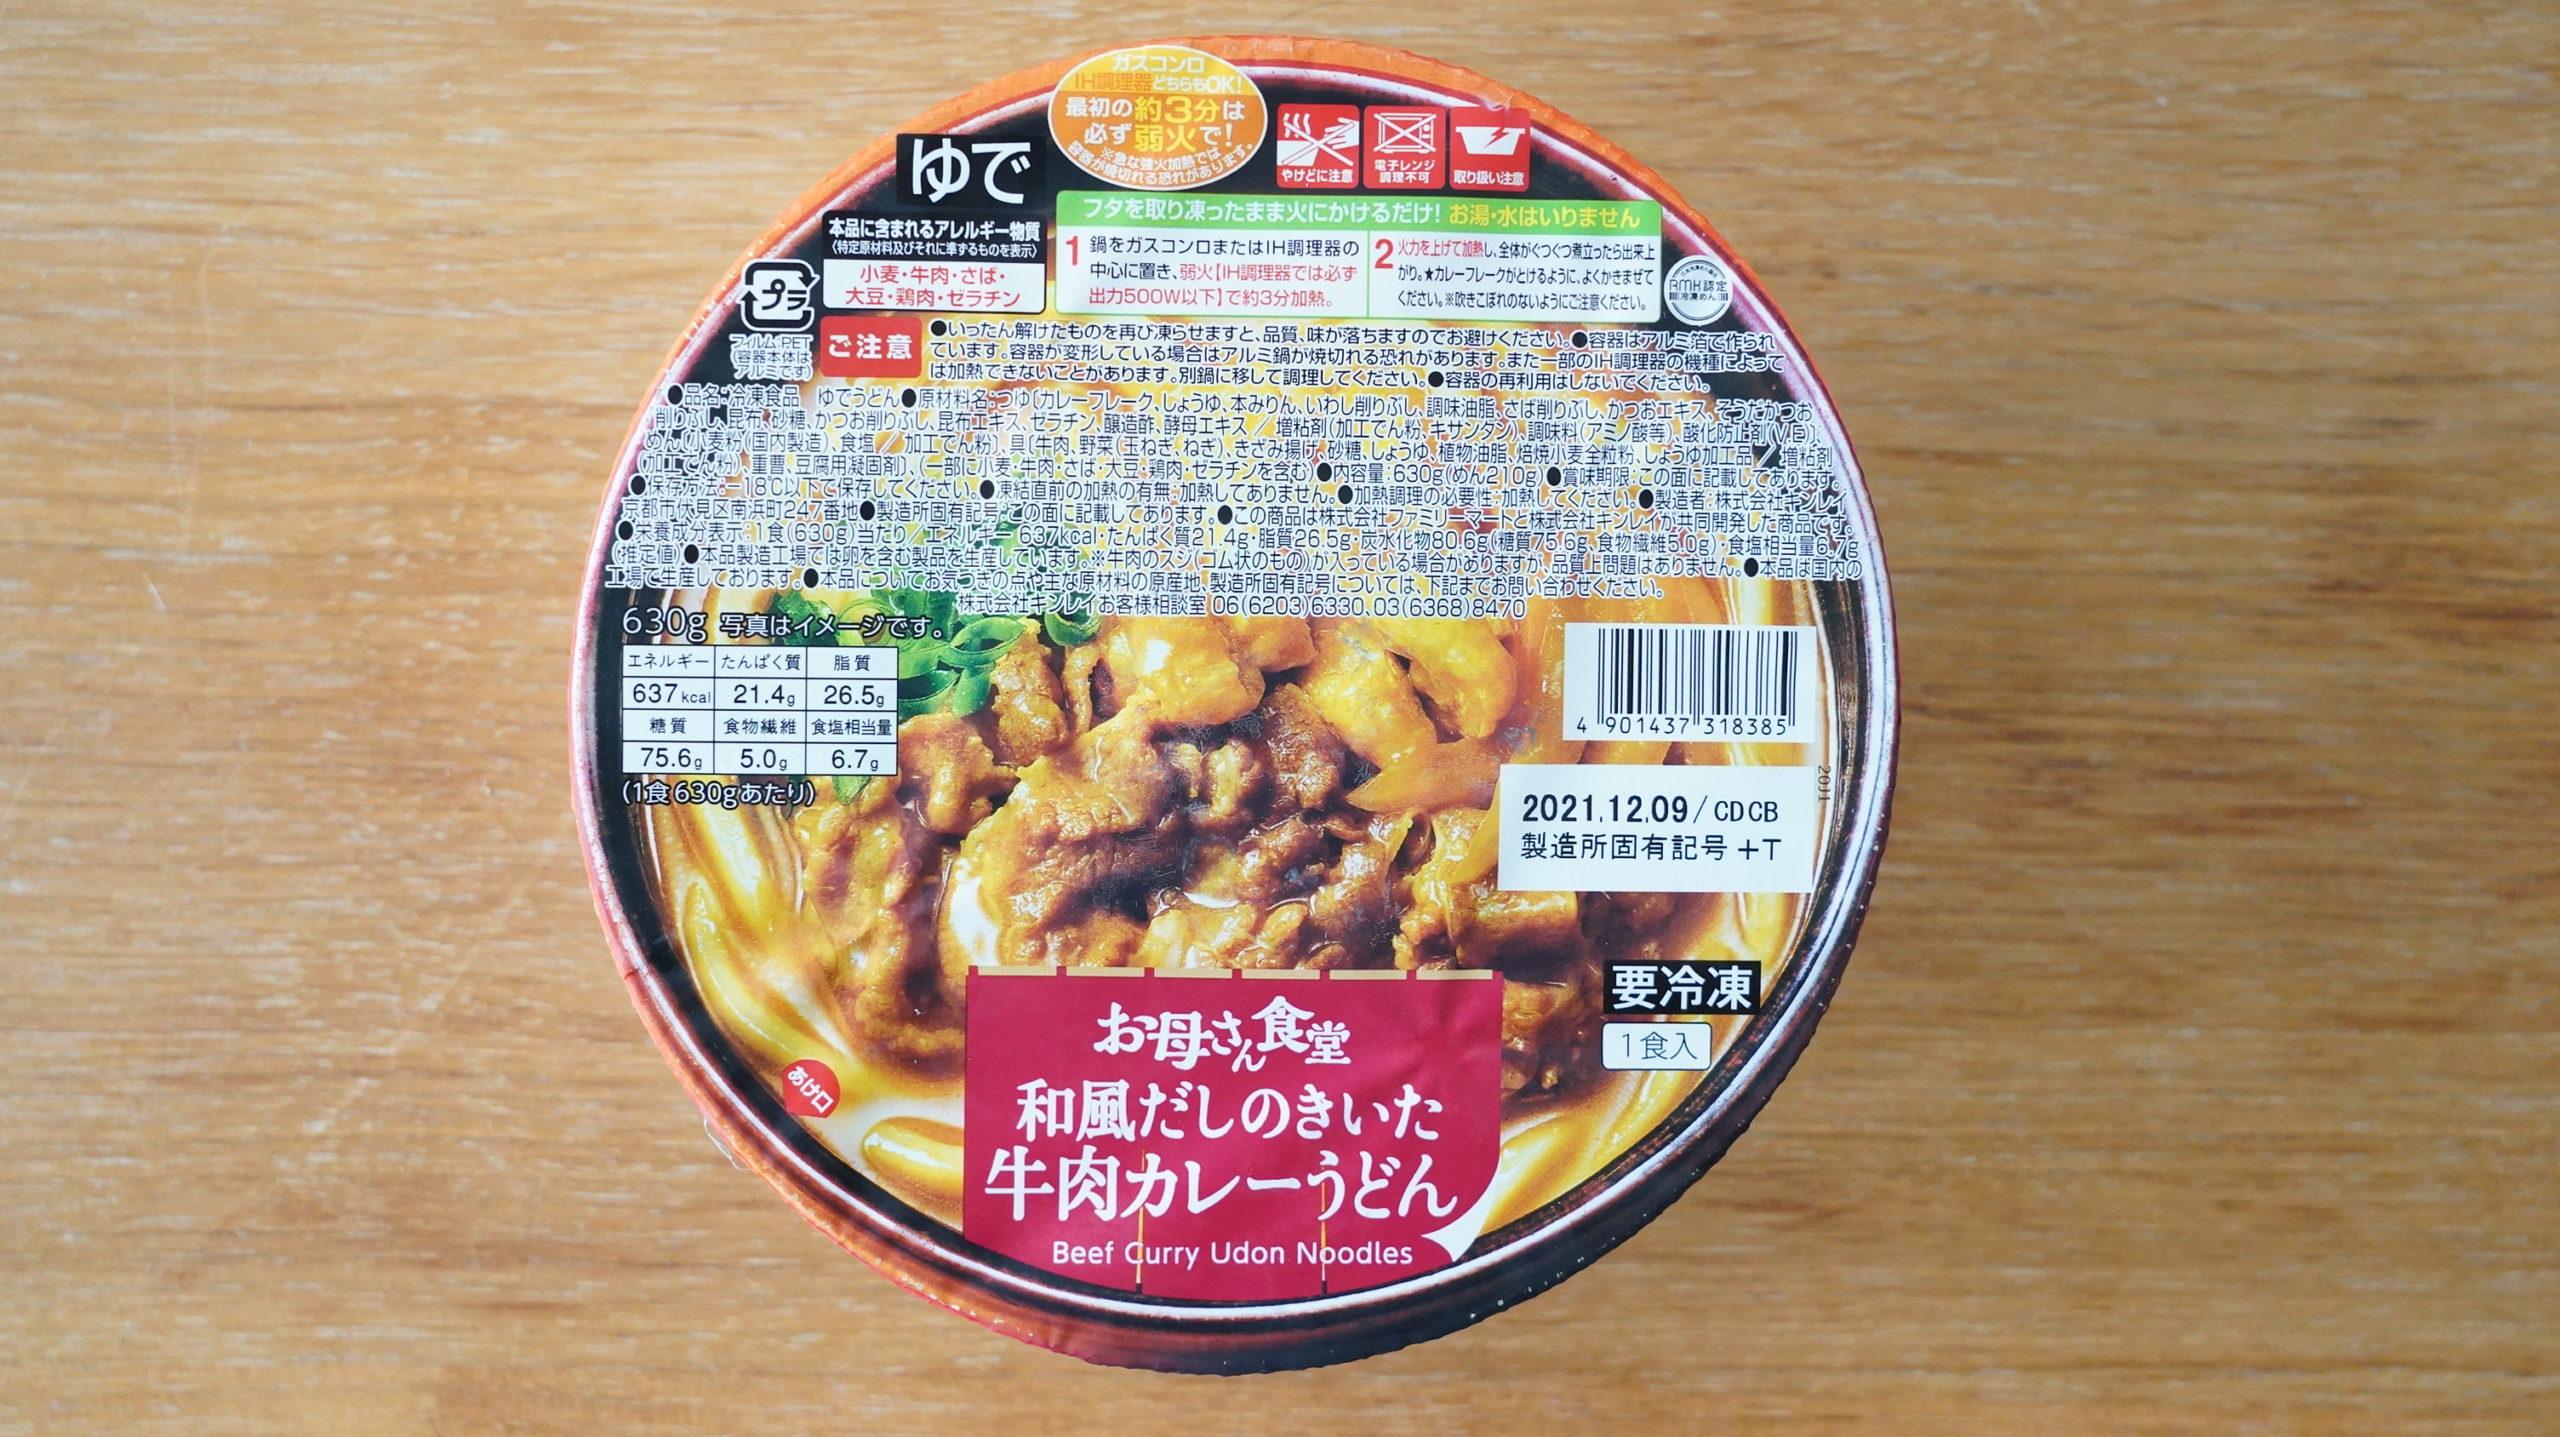 ファミリーマートの冷凍食品「和風だしのきいた牛肉カレーうどん」のパッケージ写真